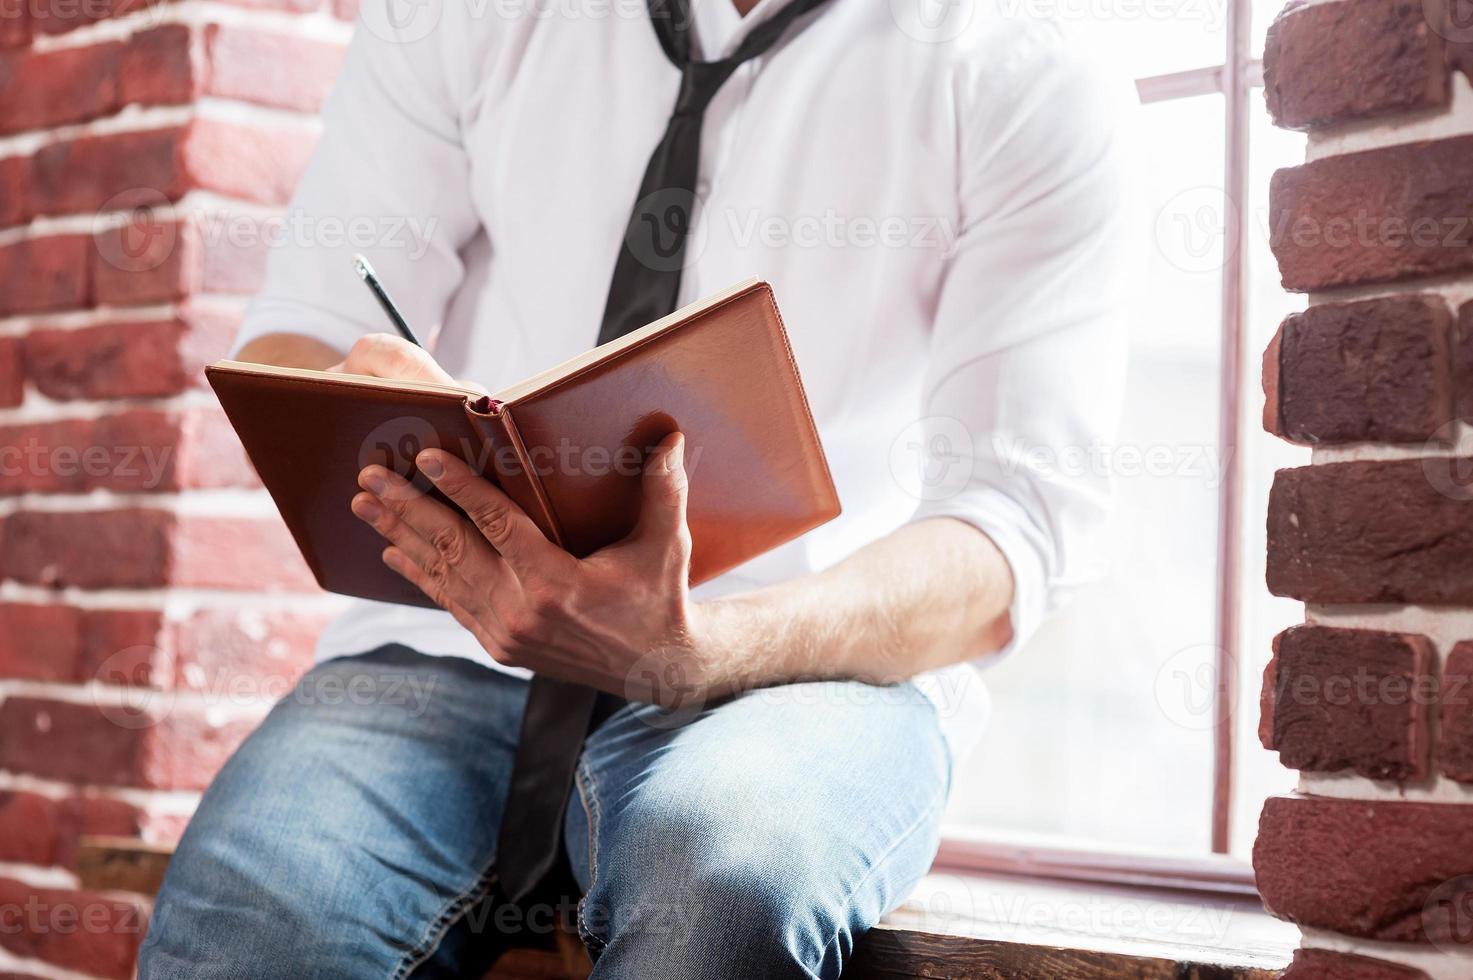 seine Gedanken aufschreiben. foto